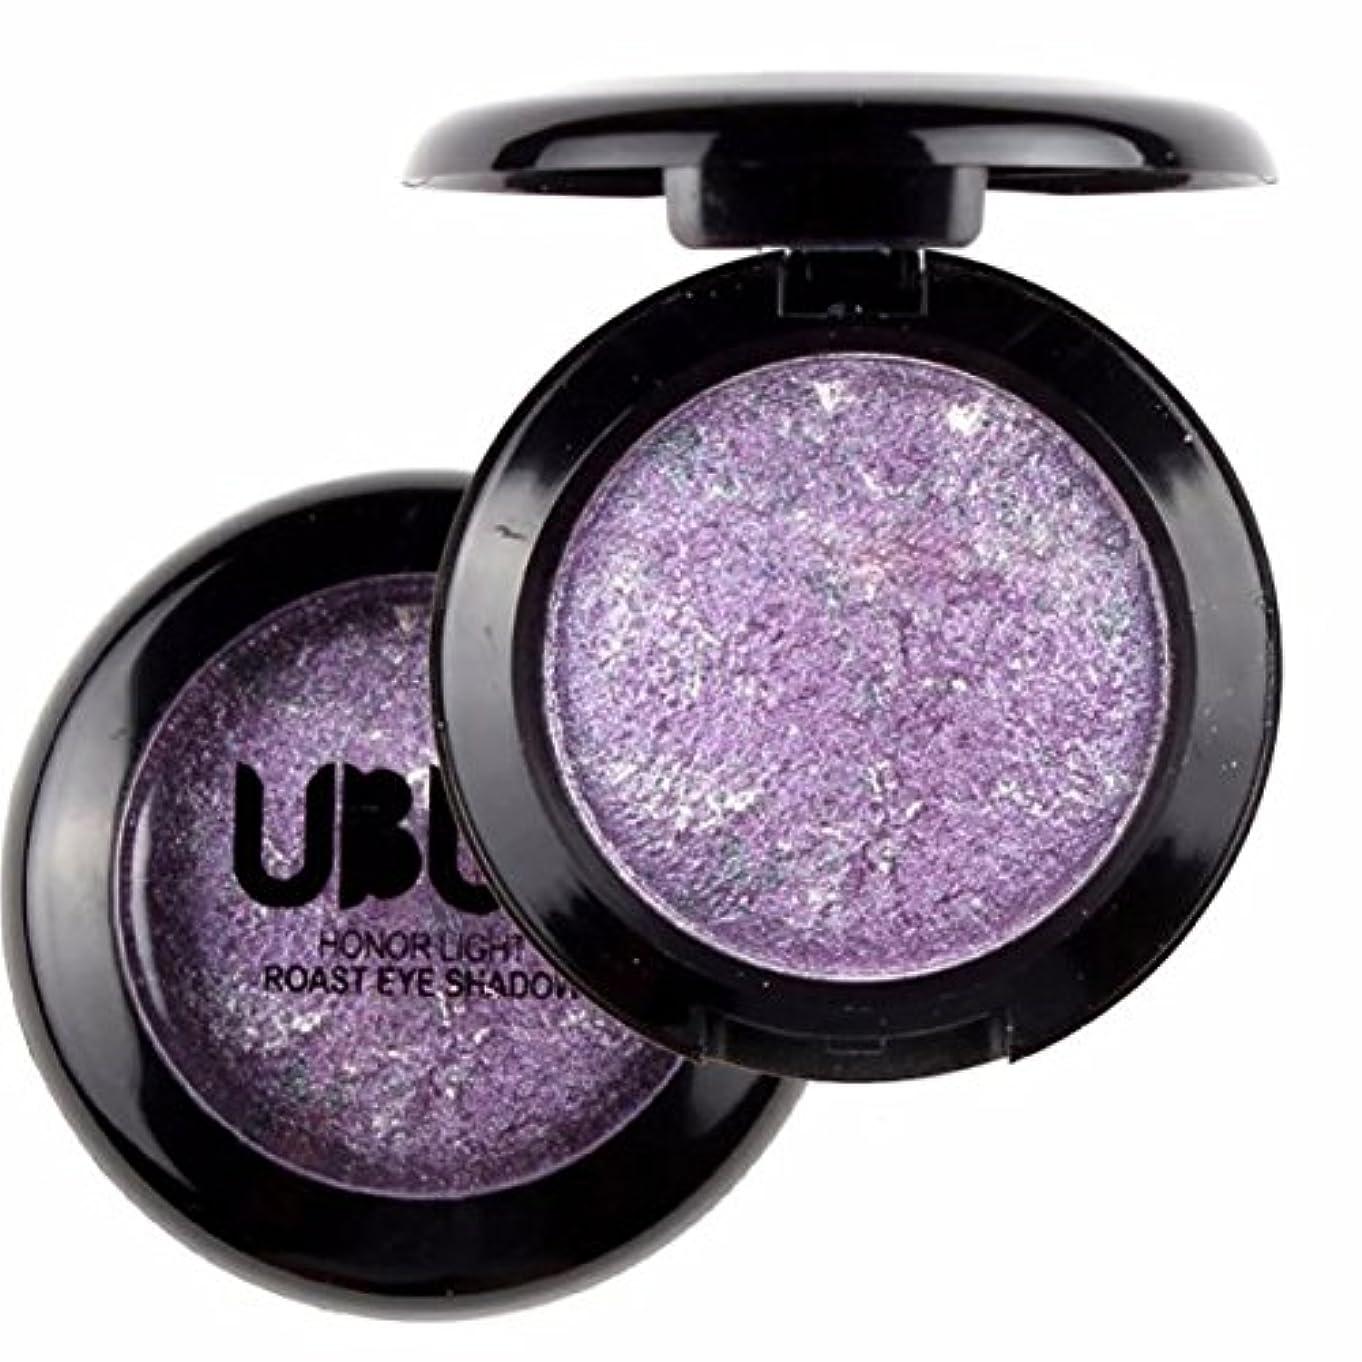 しおれたパトロール花婿Rose Purple 1pcs Lady Beauty Single Baked Eye Shadow Powder Palette Eyeshadow Palette